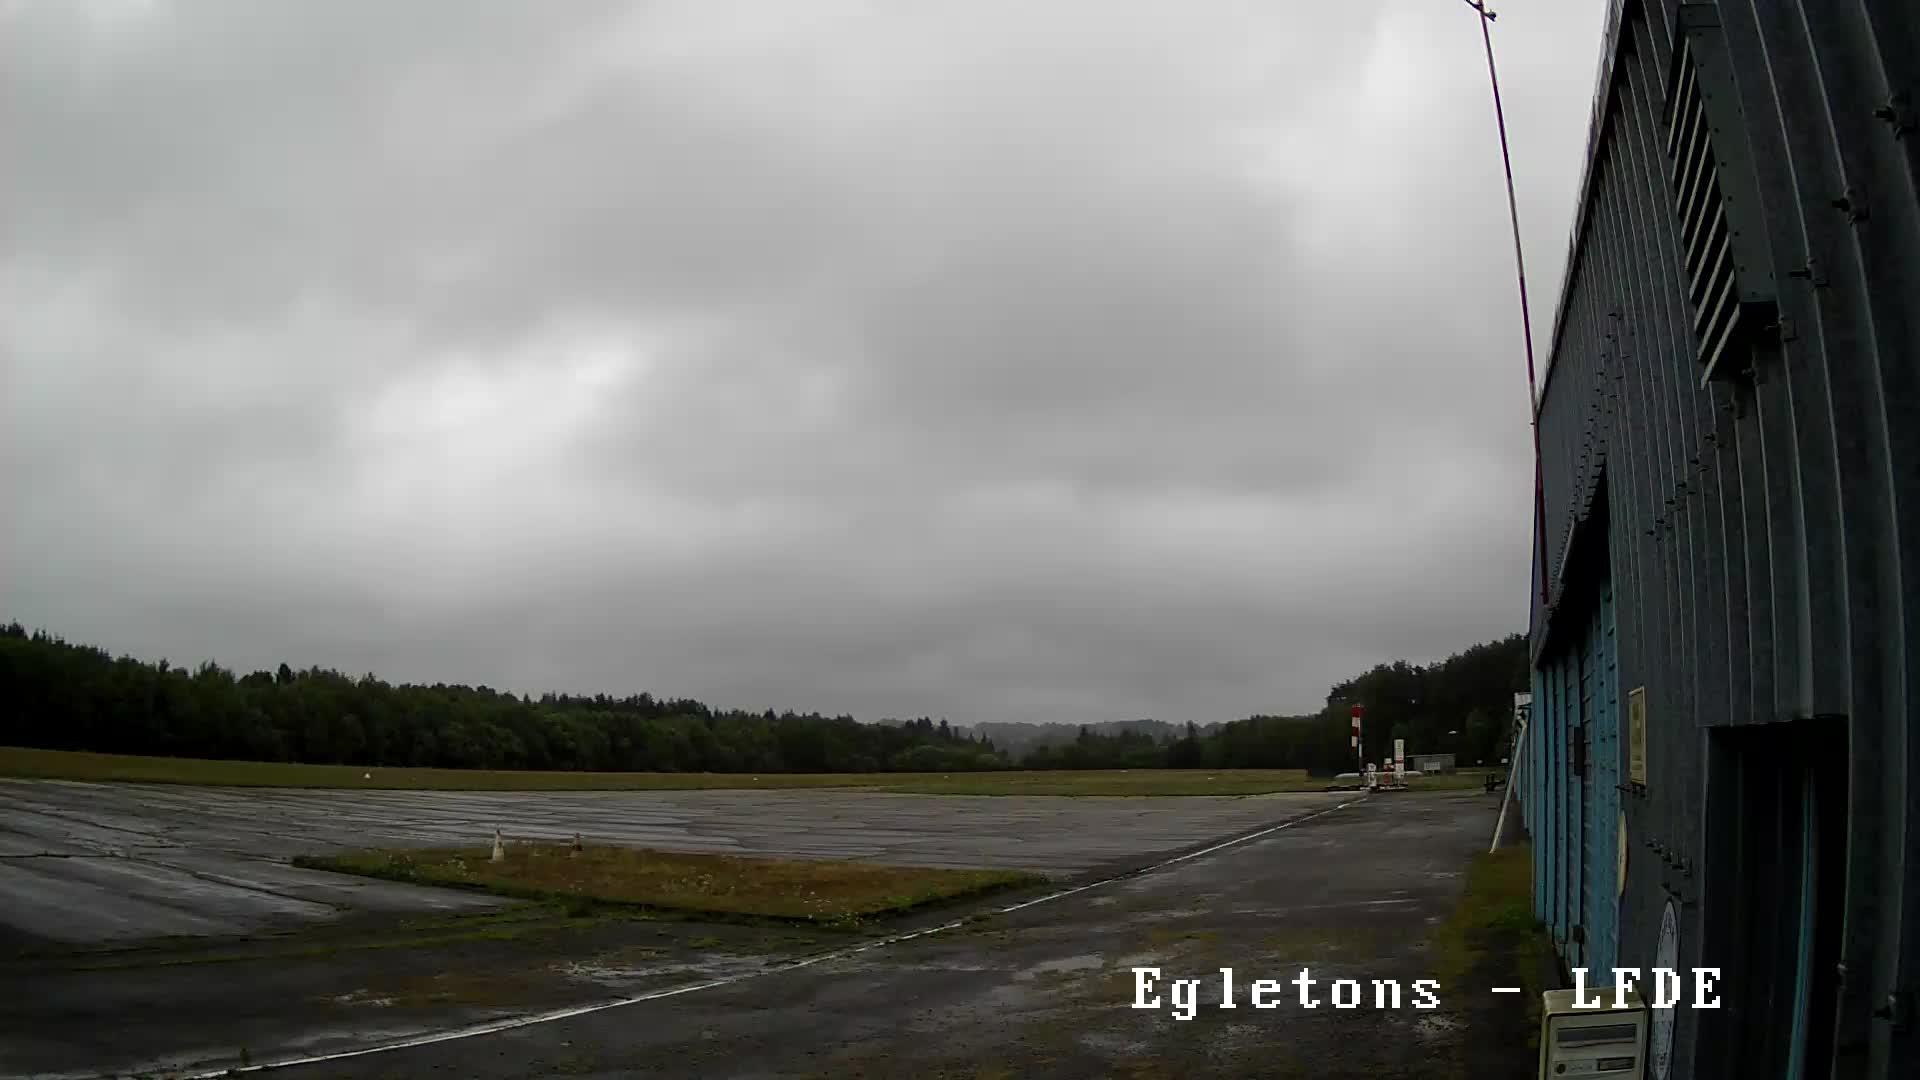 webcam Egletons